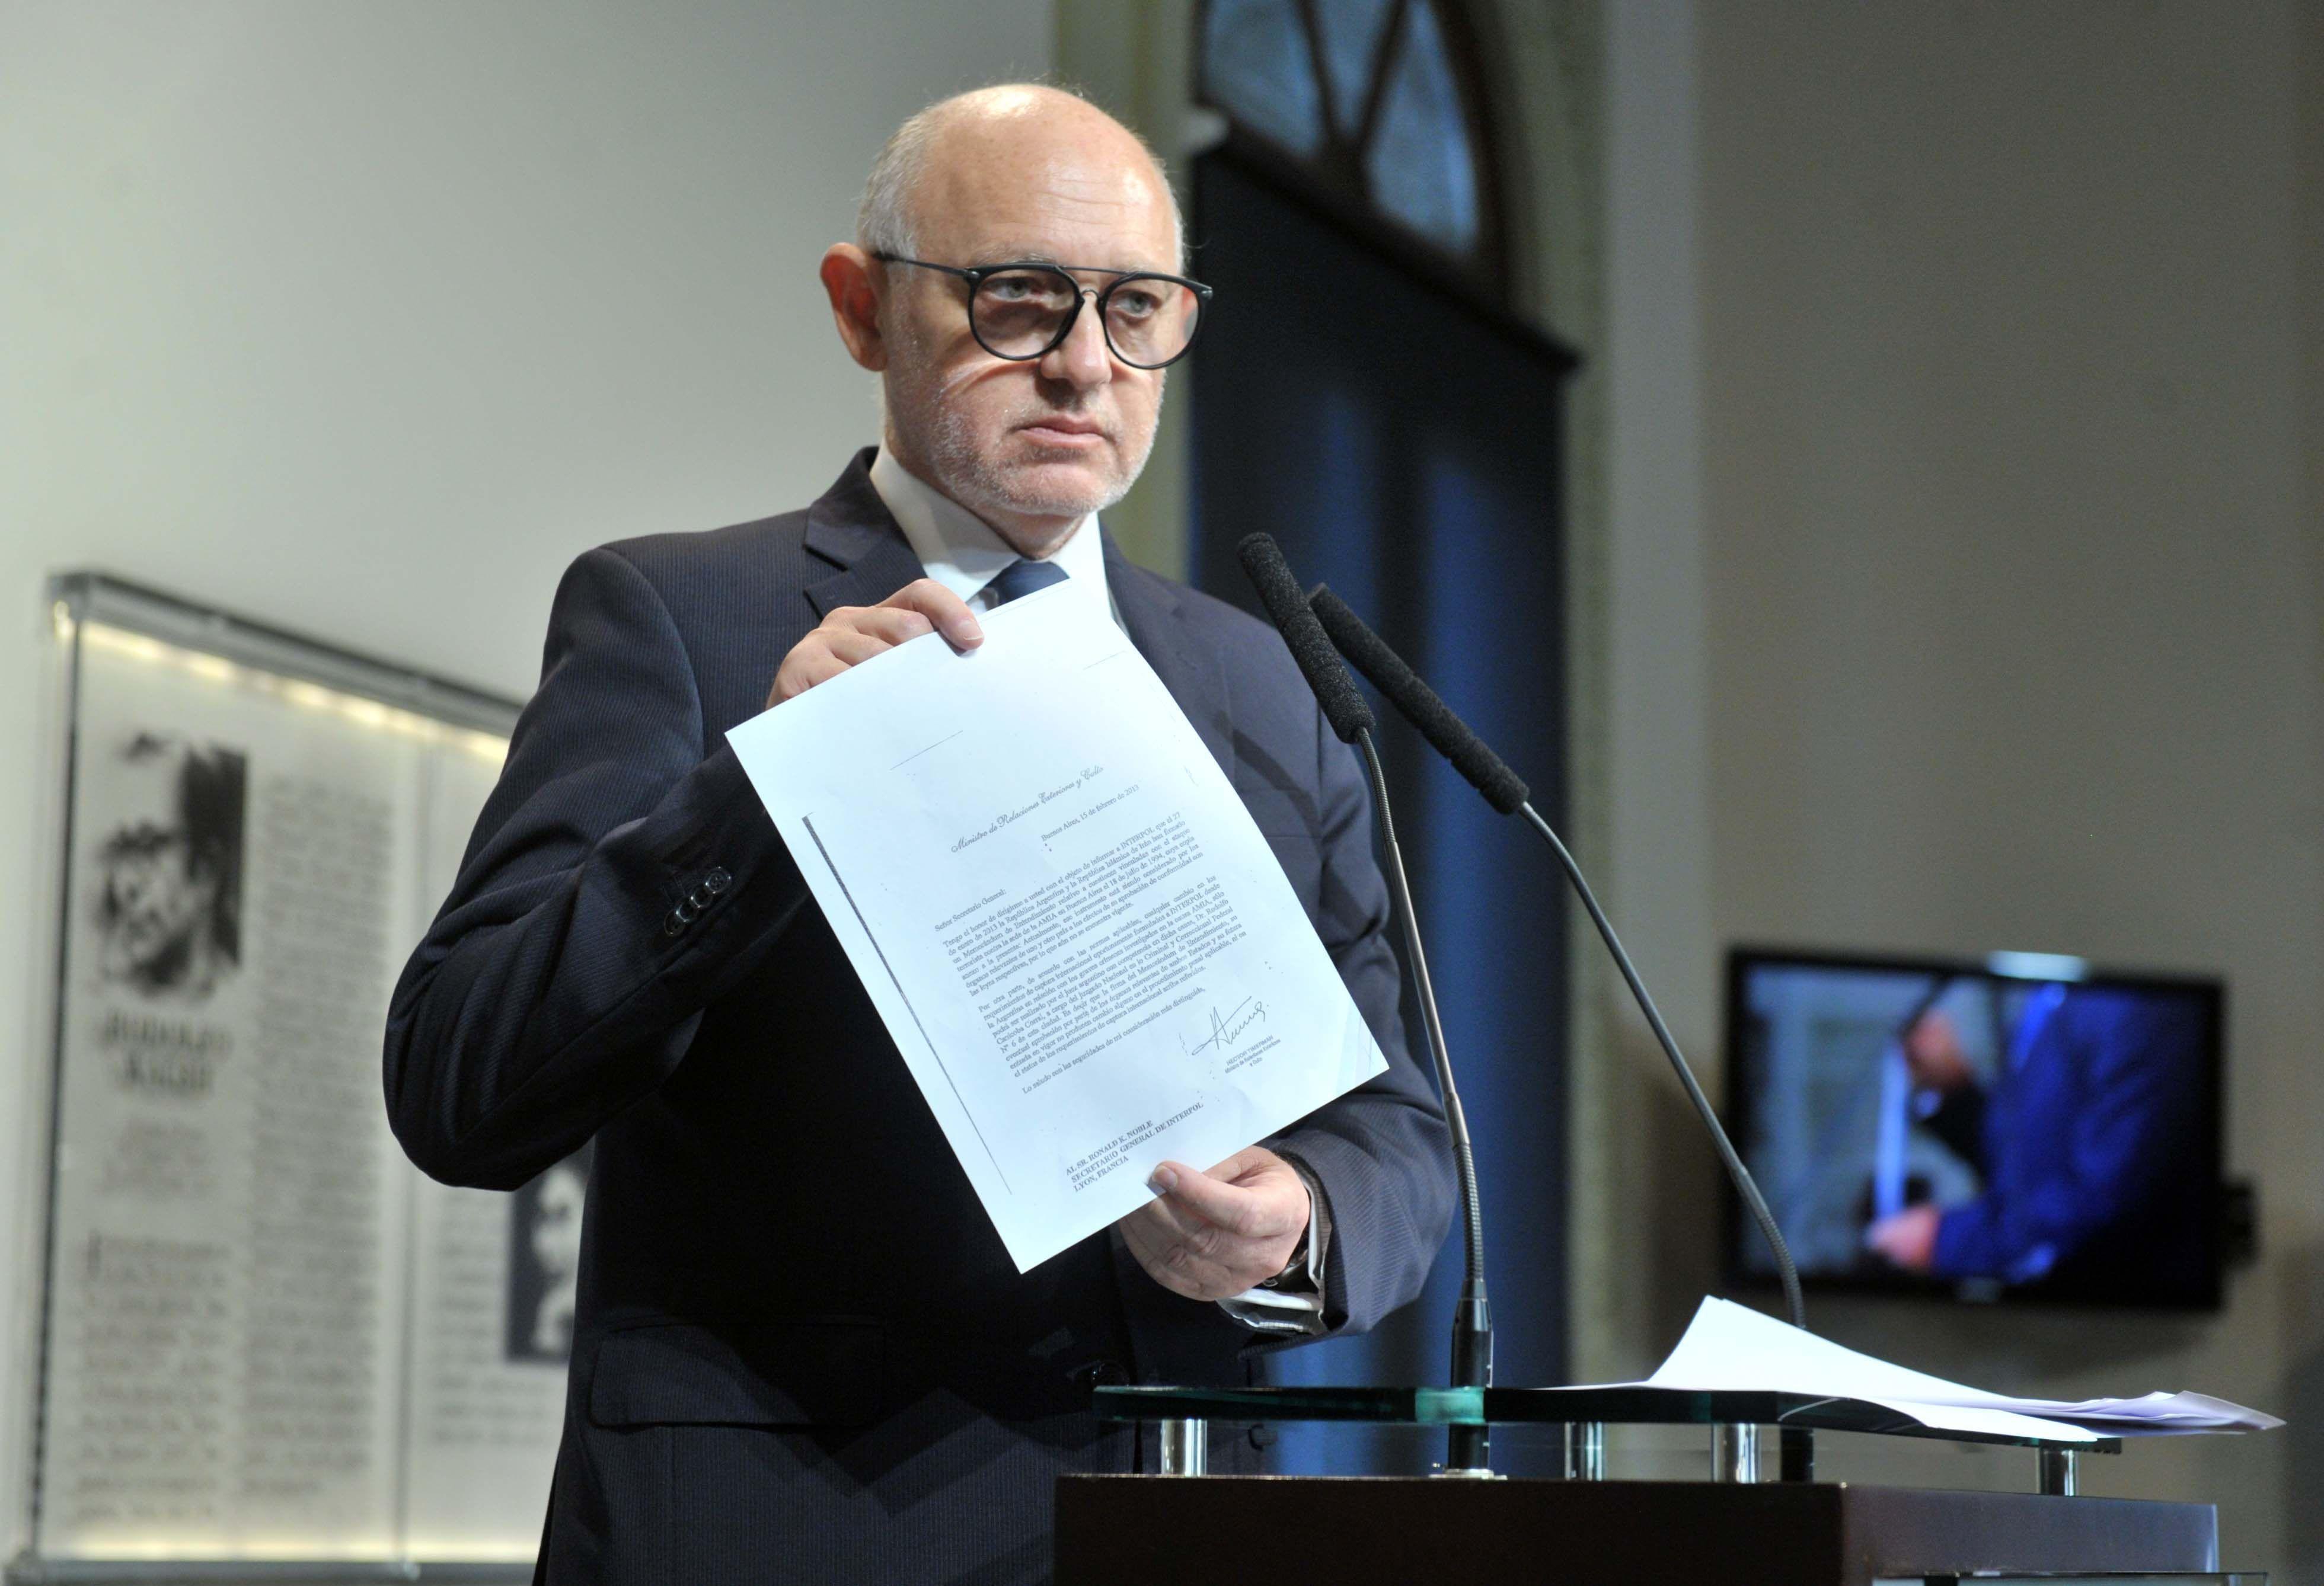 El canciller Héctor Timerman reveló el contenido de una carta que le envió Interpol sobre la investigación del atentado a la Amia.